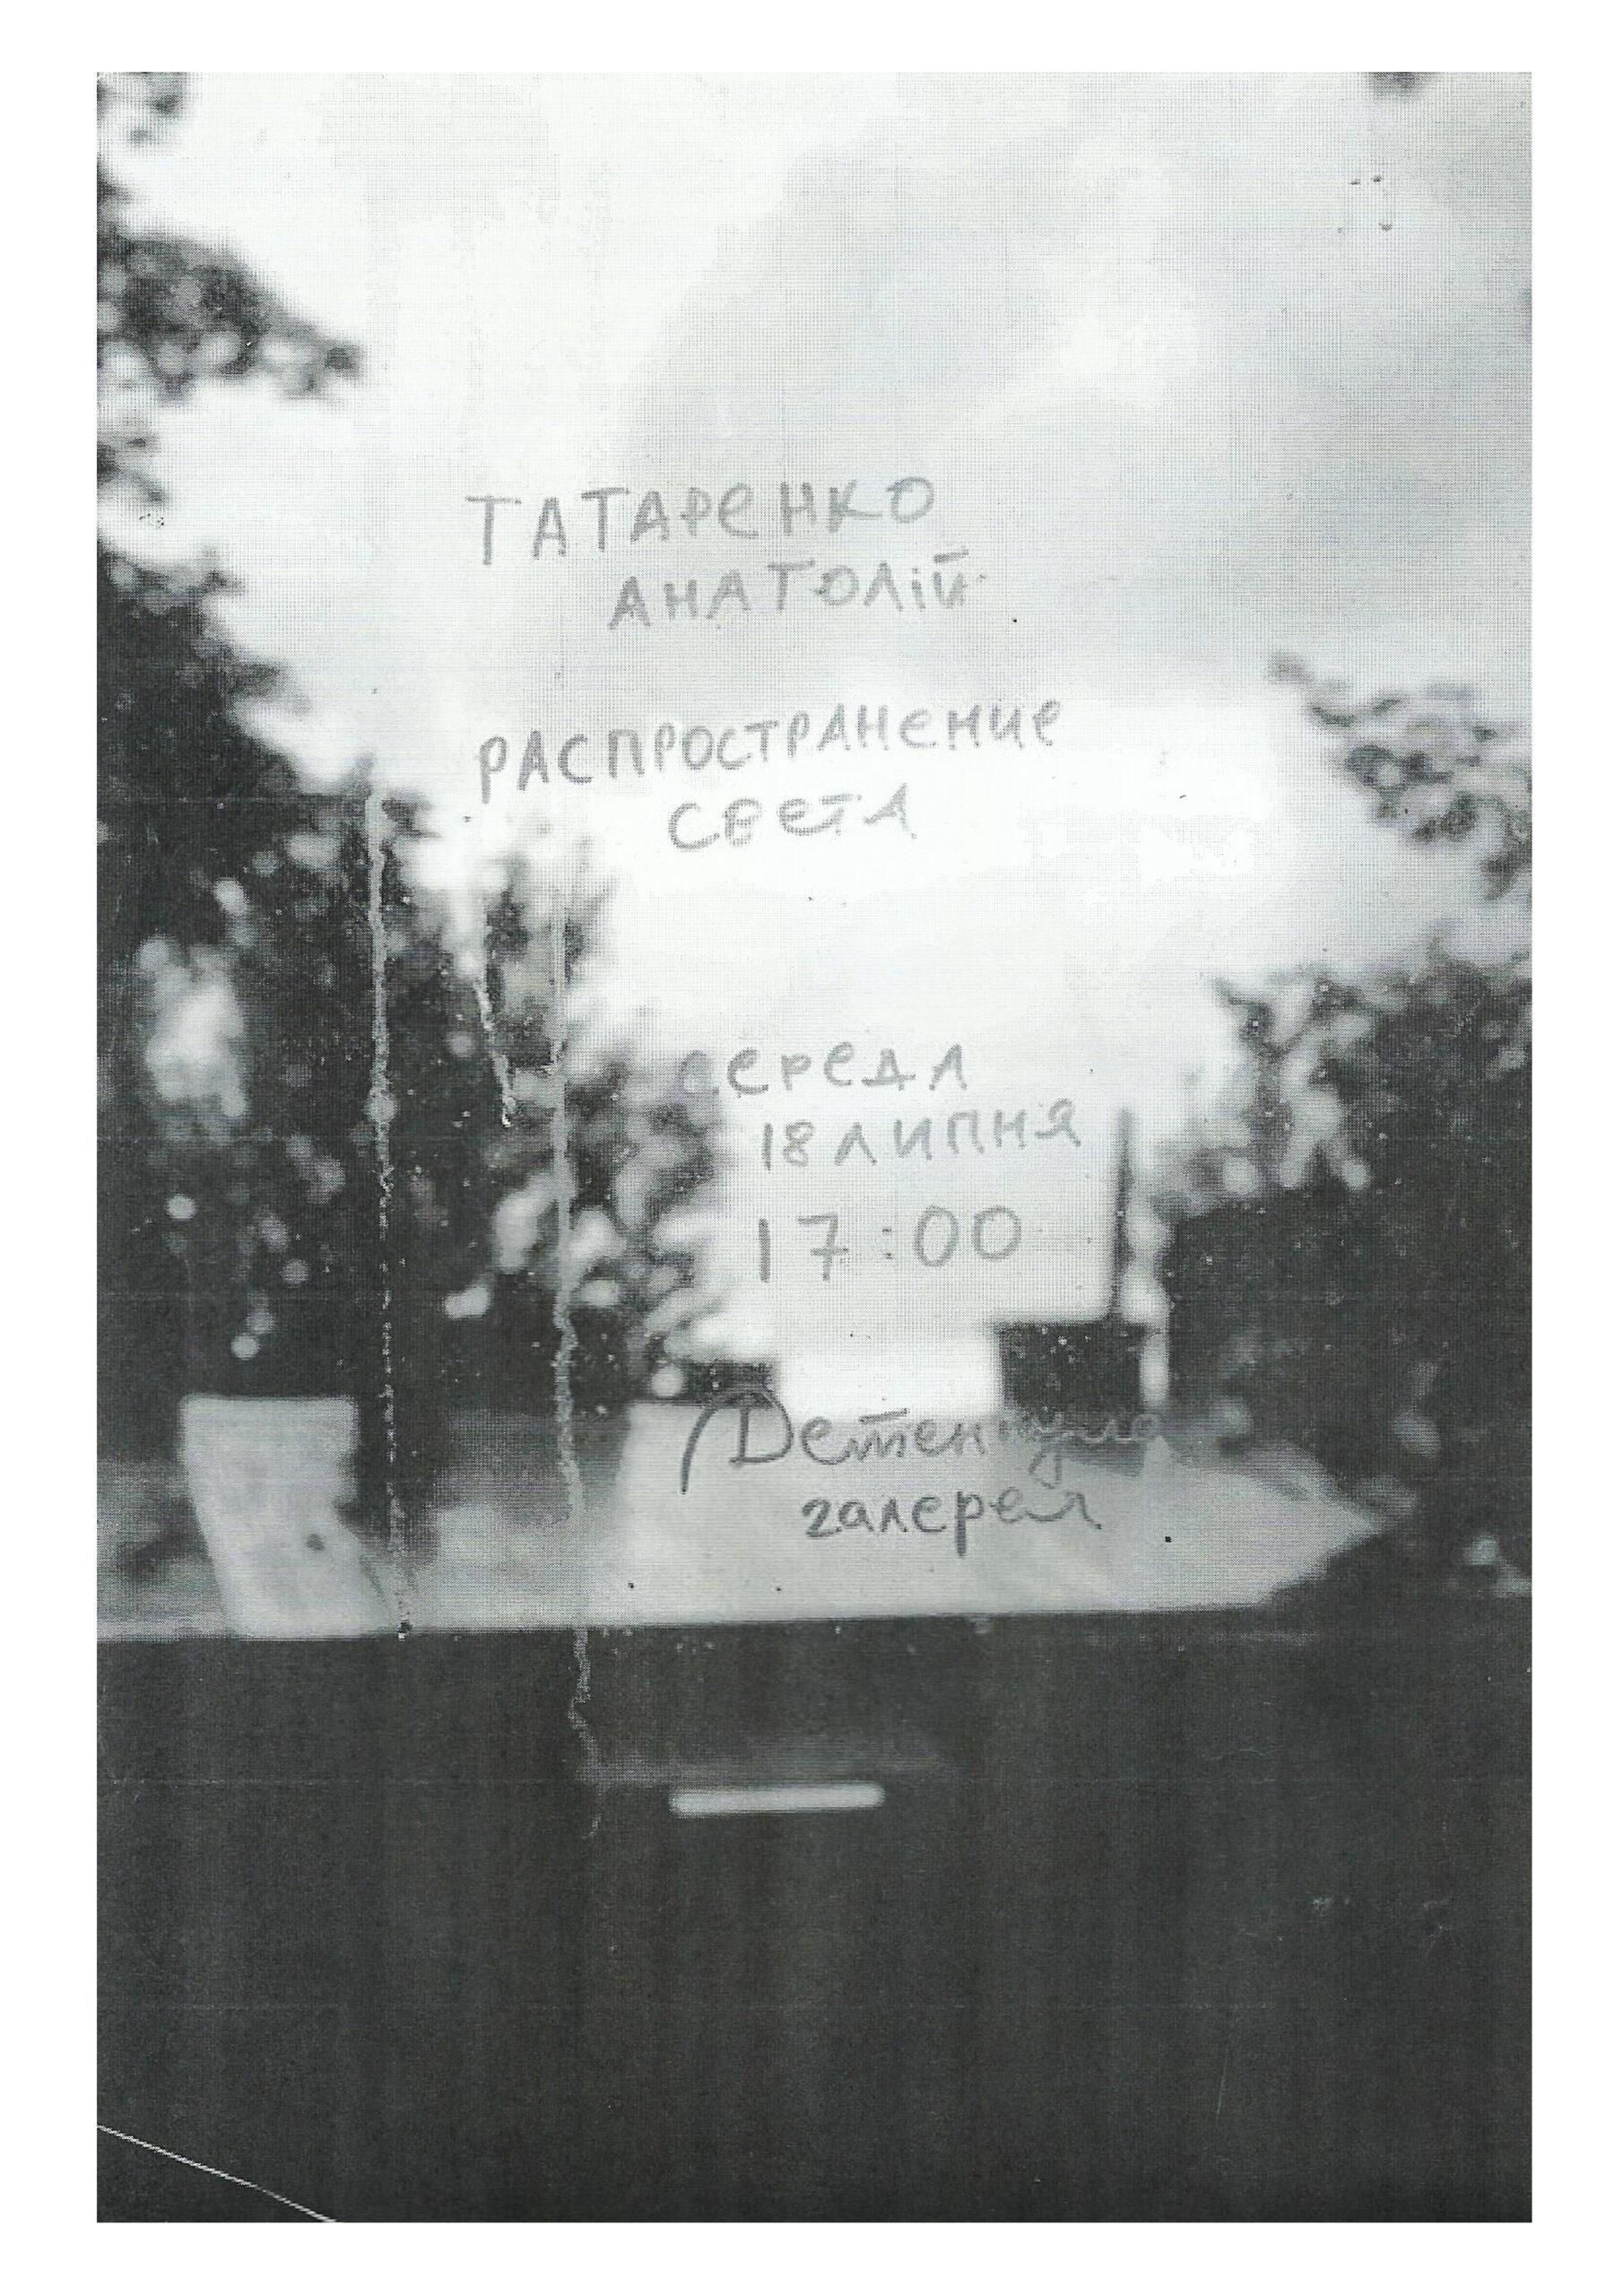 Афіша до виставки Антолія Татаренко та Станіслава Туріни «Розповсюдження світла». Автор плакату Станіслав Туріна